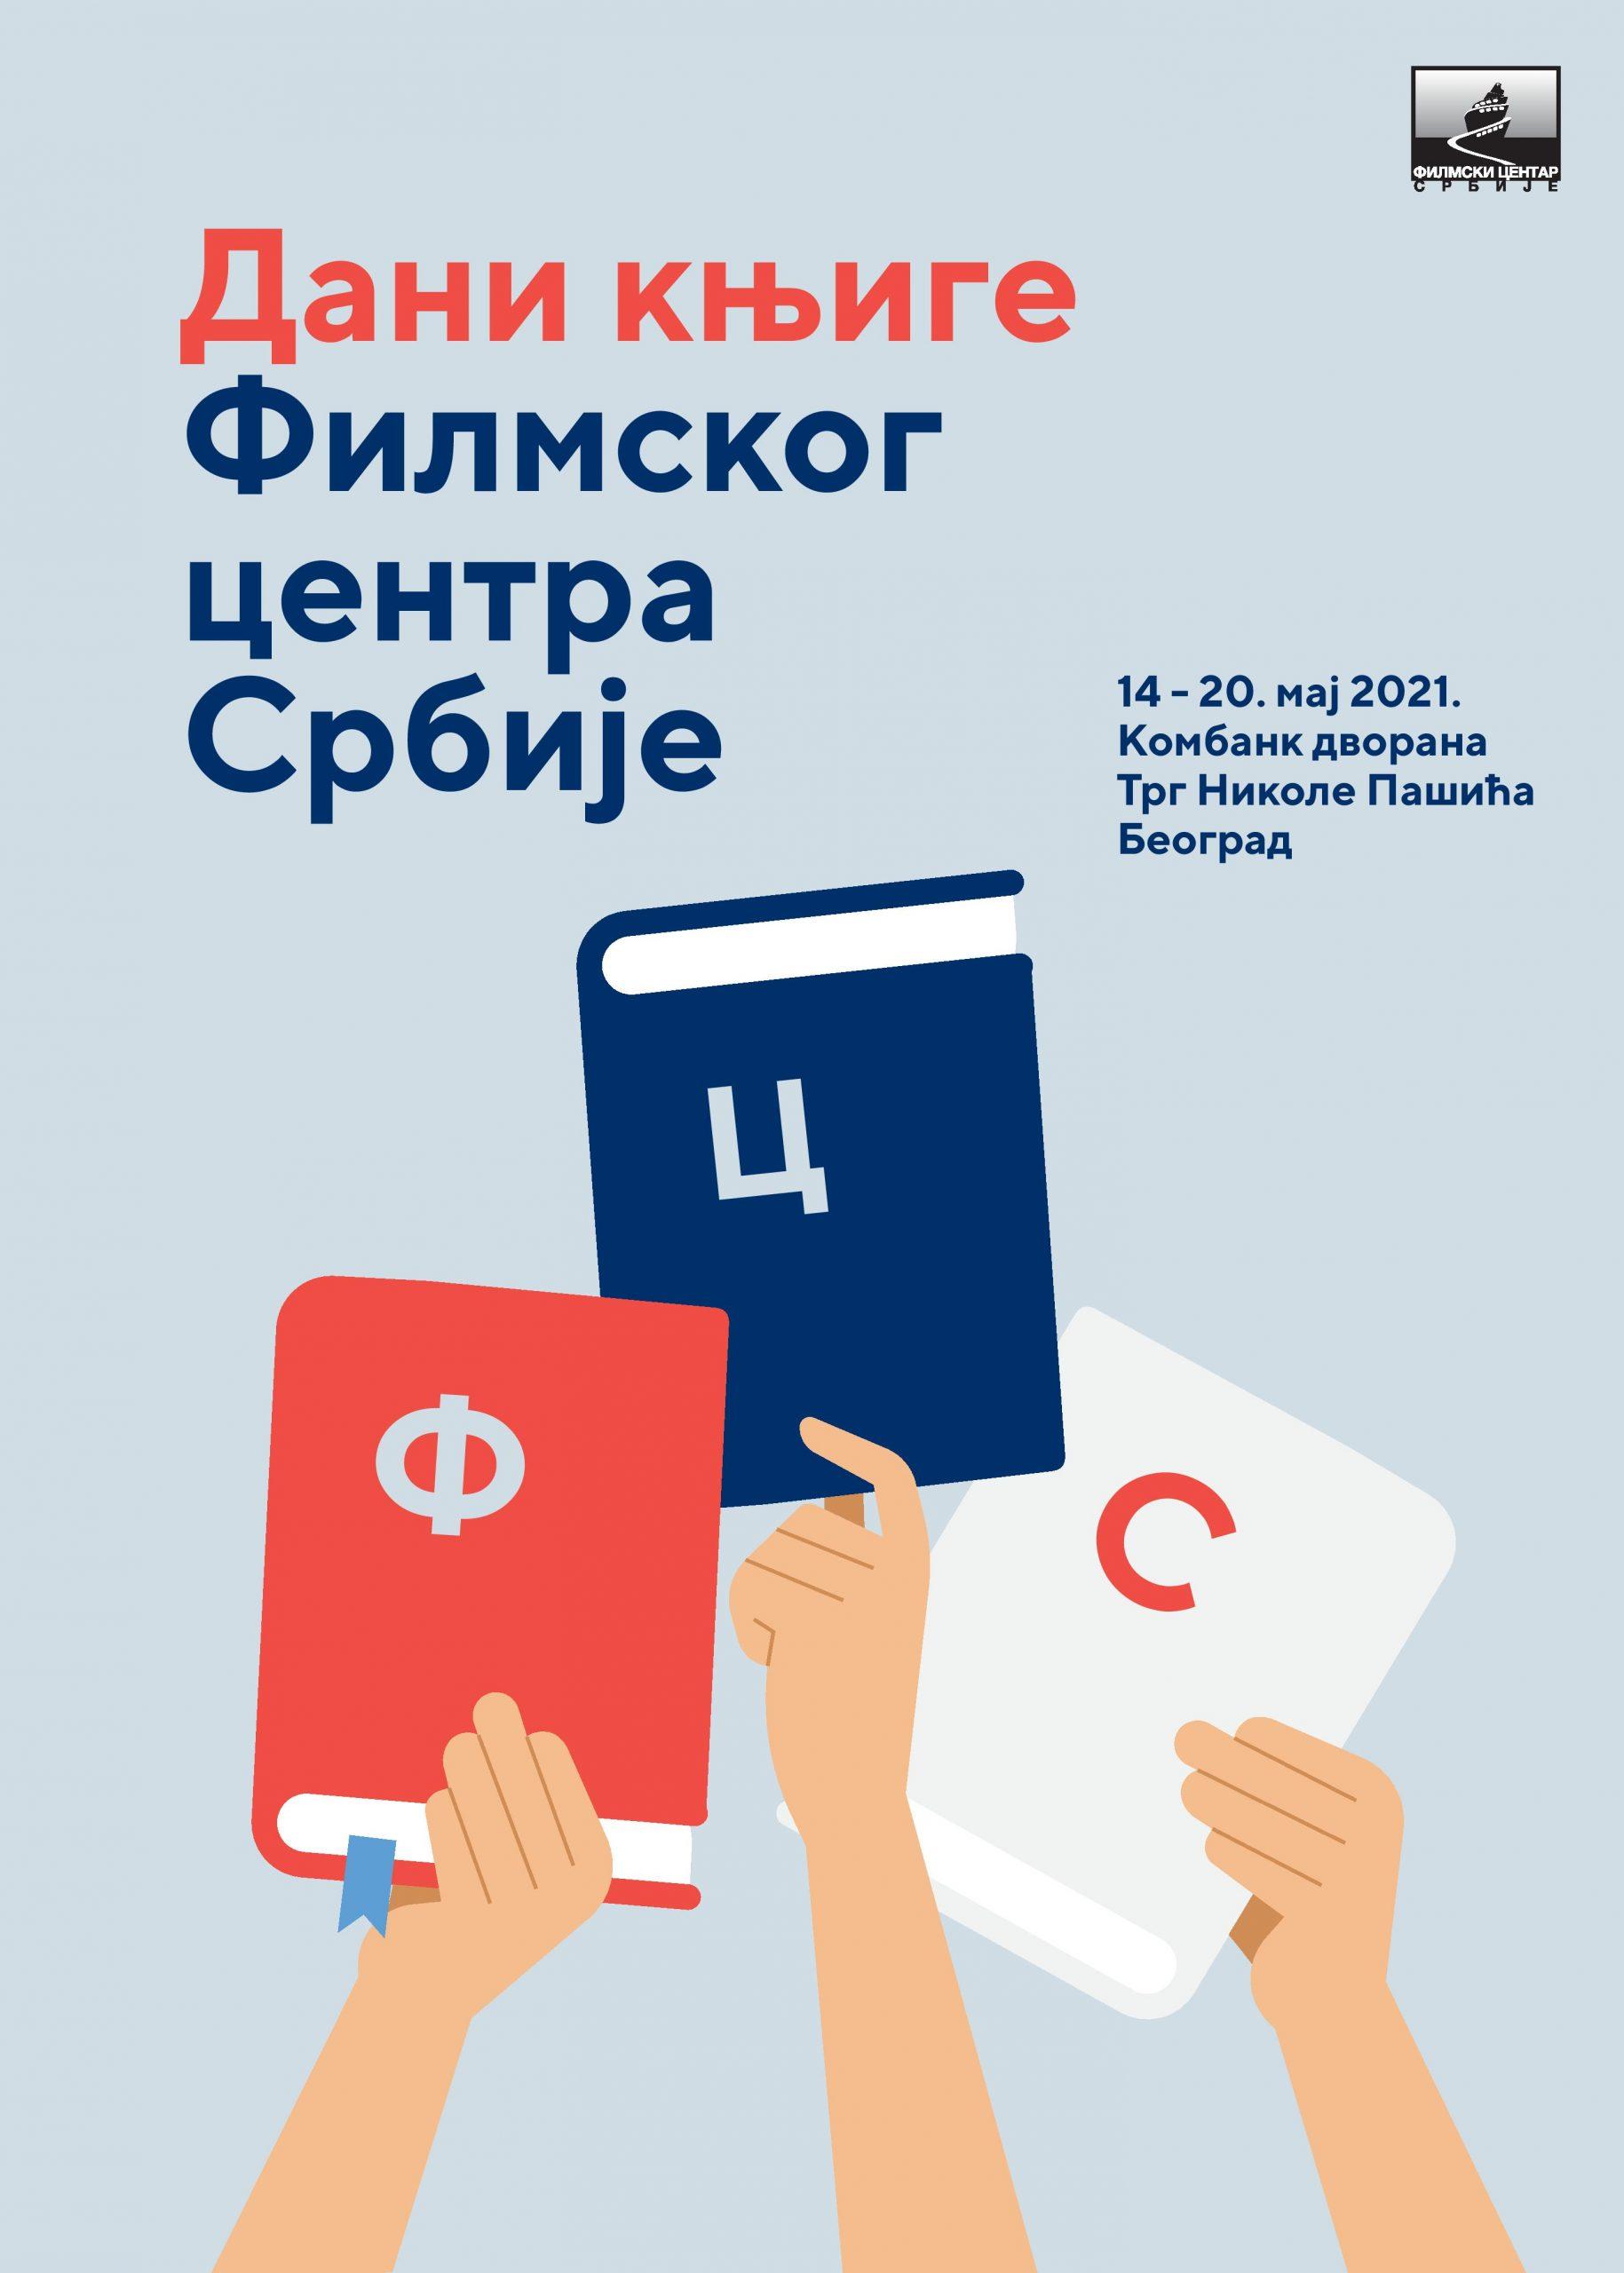 Dani knjige Filmskog centra Srbije od 14. do 20. maja na Trgu Nikole Pašića 1